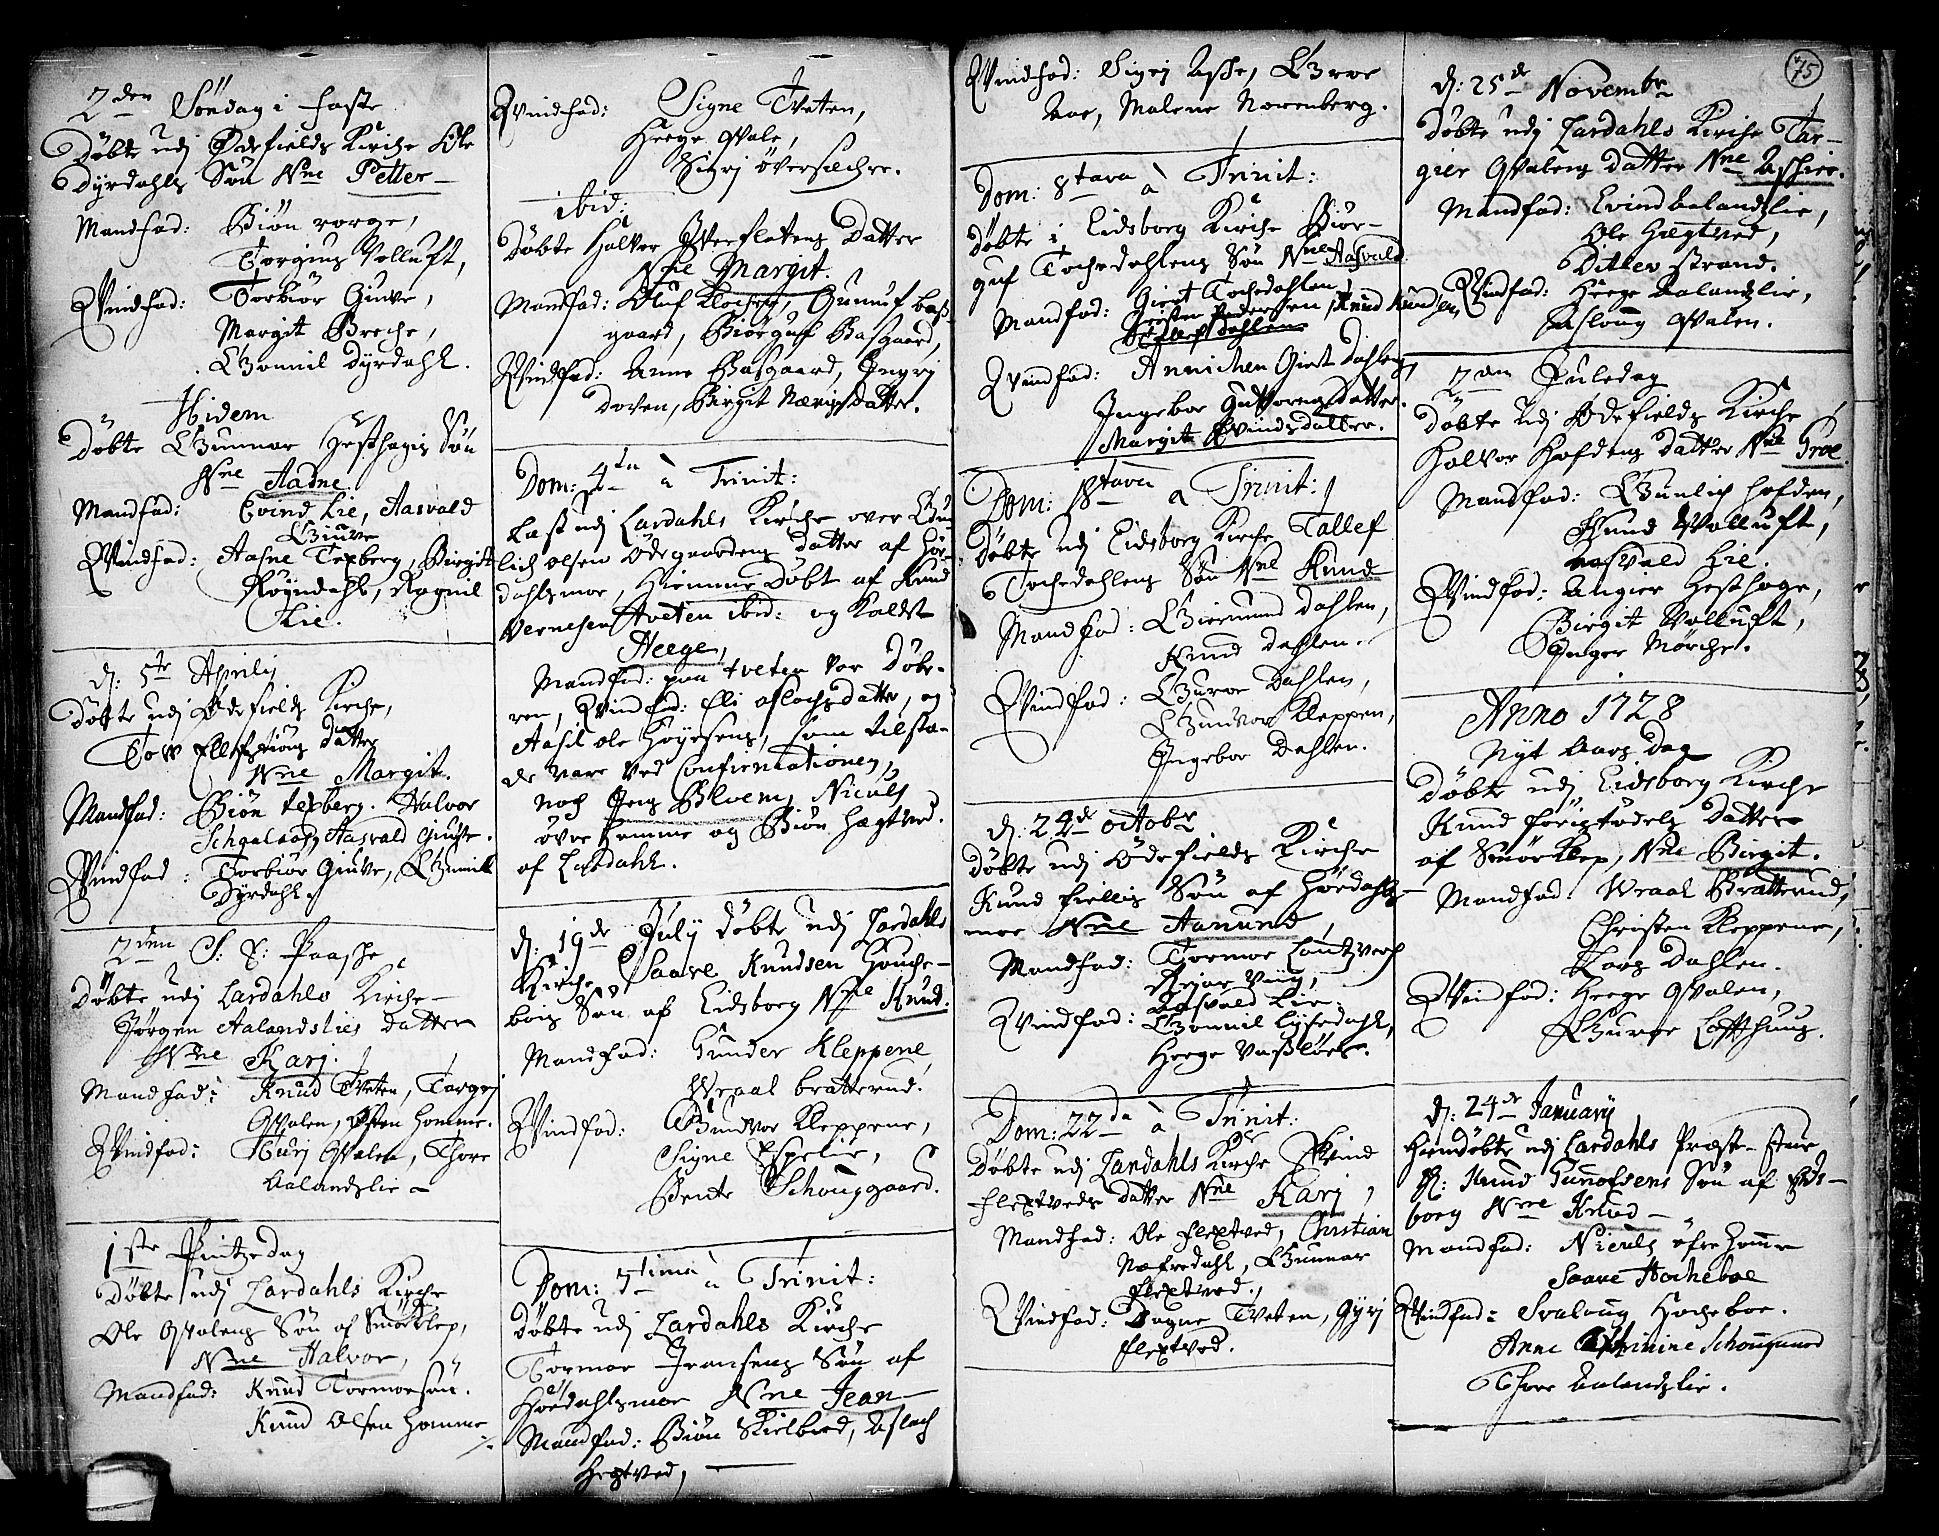 SAKO, Lårdal kirkebøker, F/Fa/L0001: Ministerialbok nr. I 1, 1721-1734, s. 75